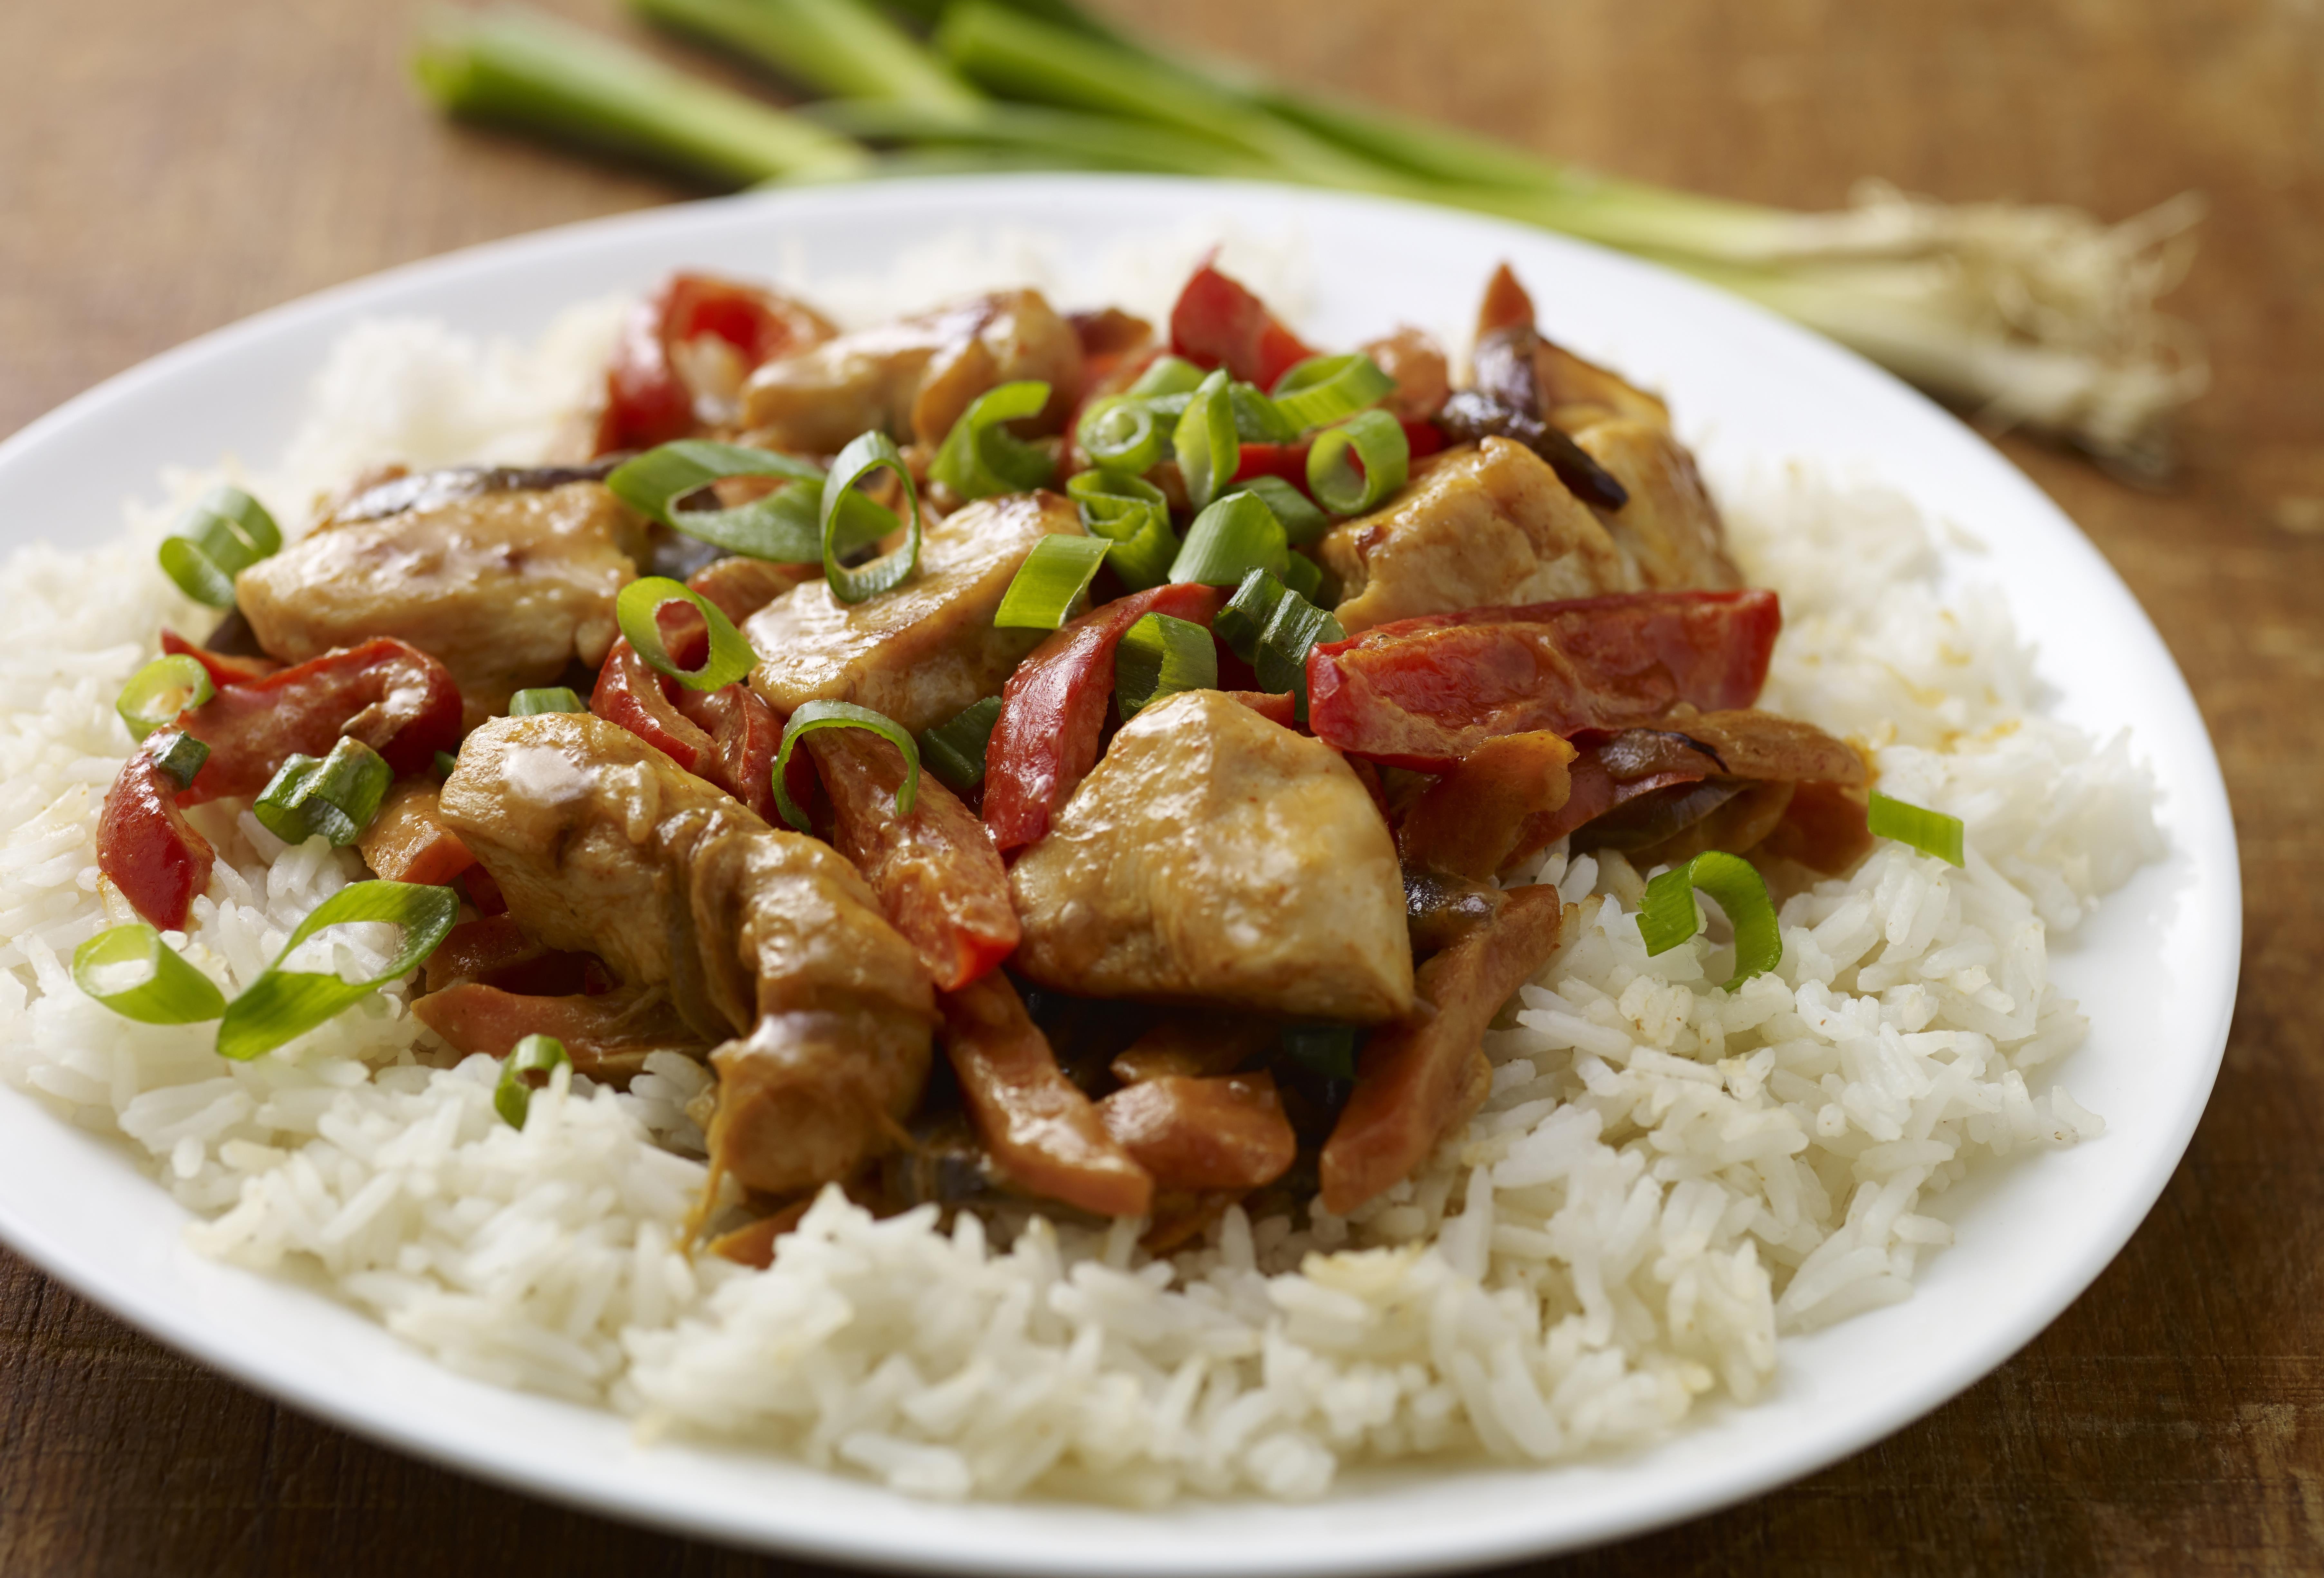 Rijst als basis voor de maaltijd